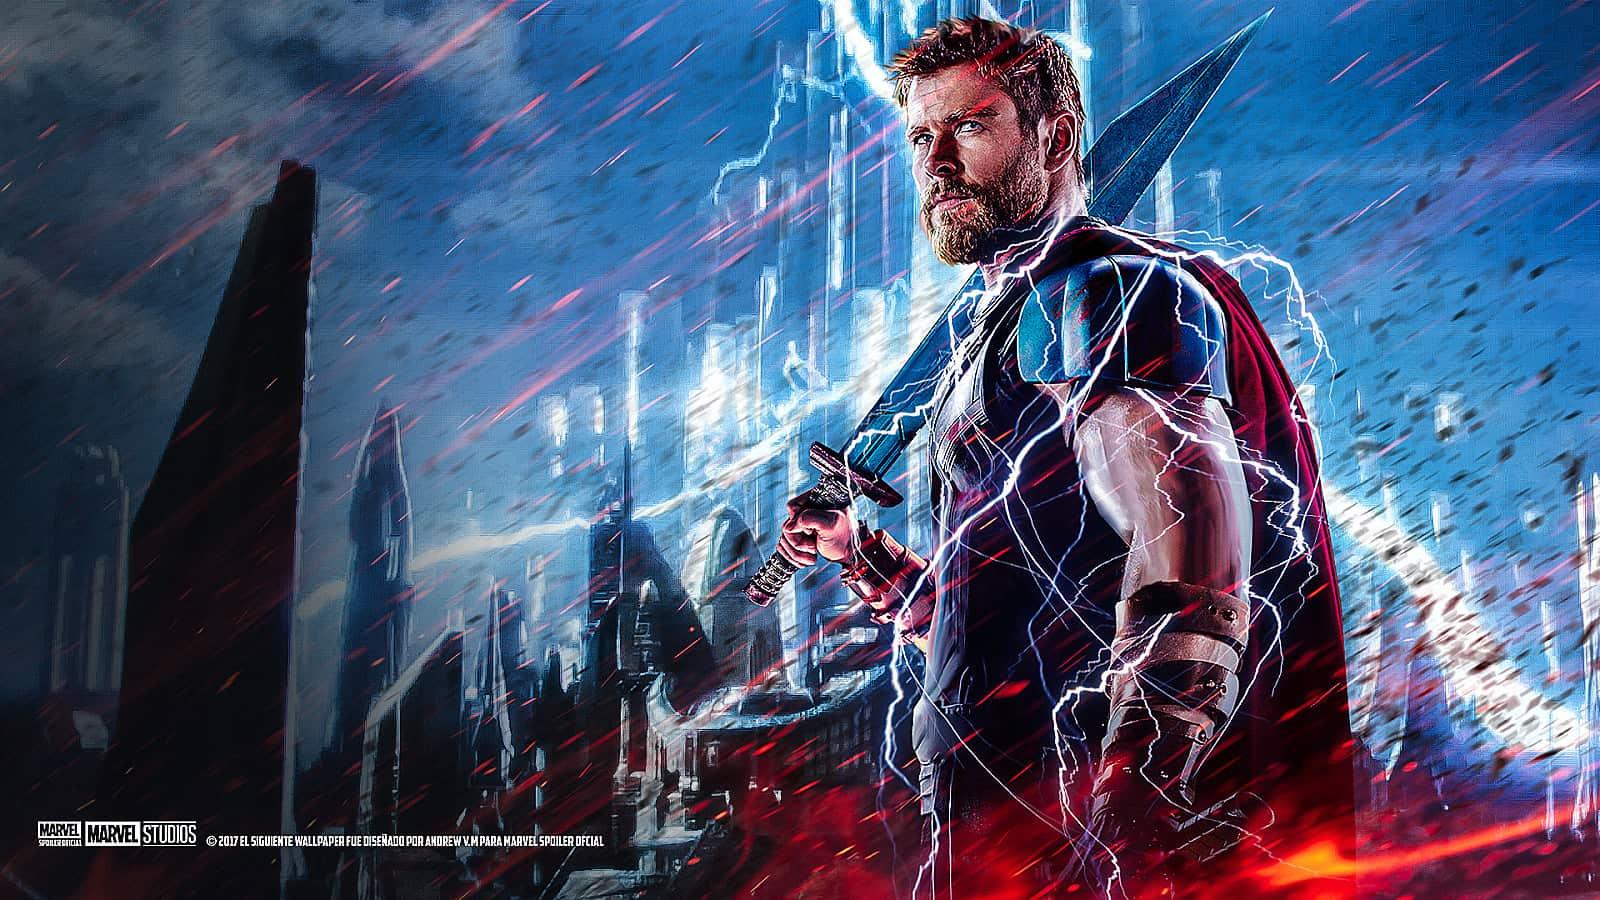 Thor Ragnarok Wallpaper 4k - HD Wallpaper